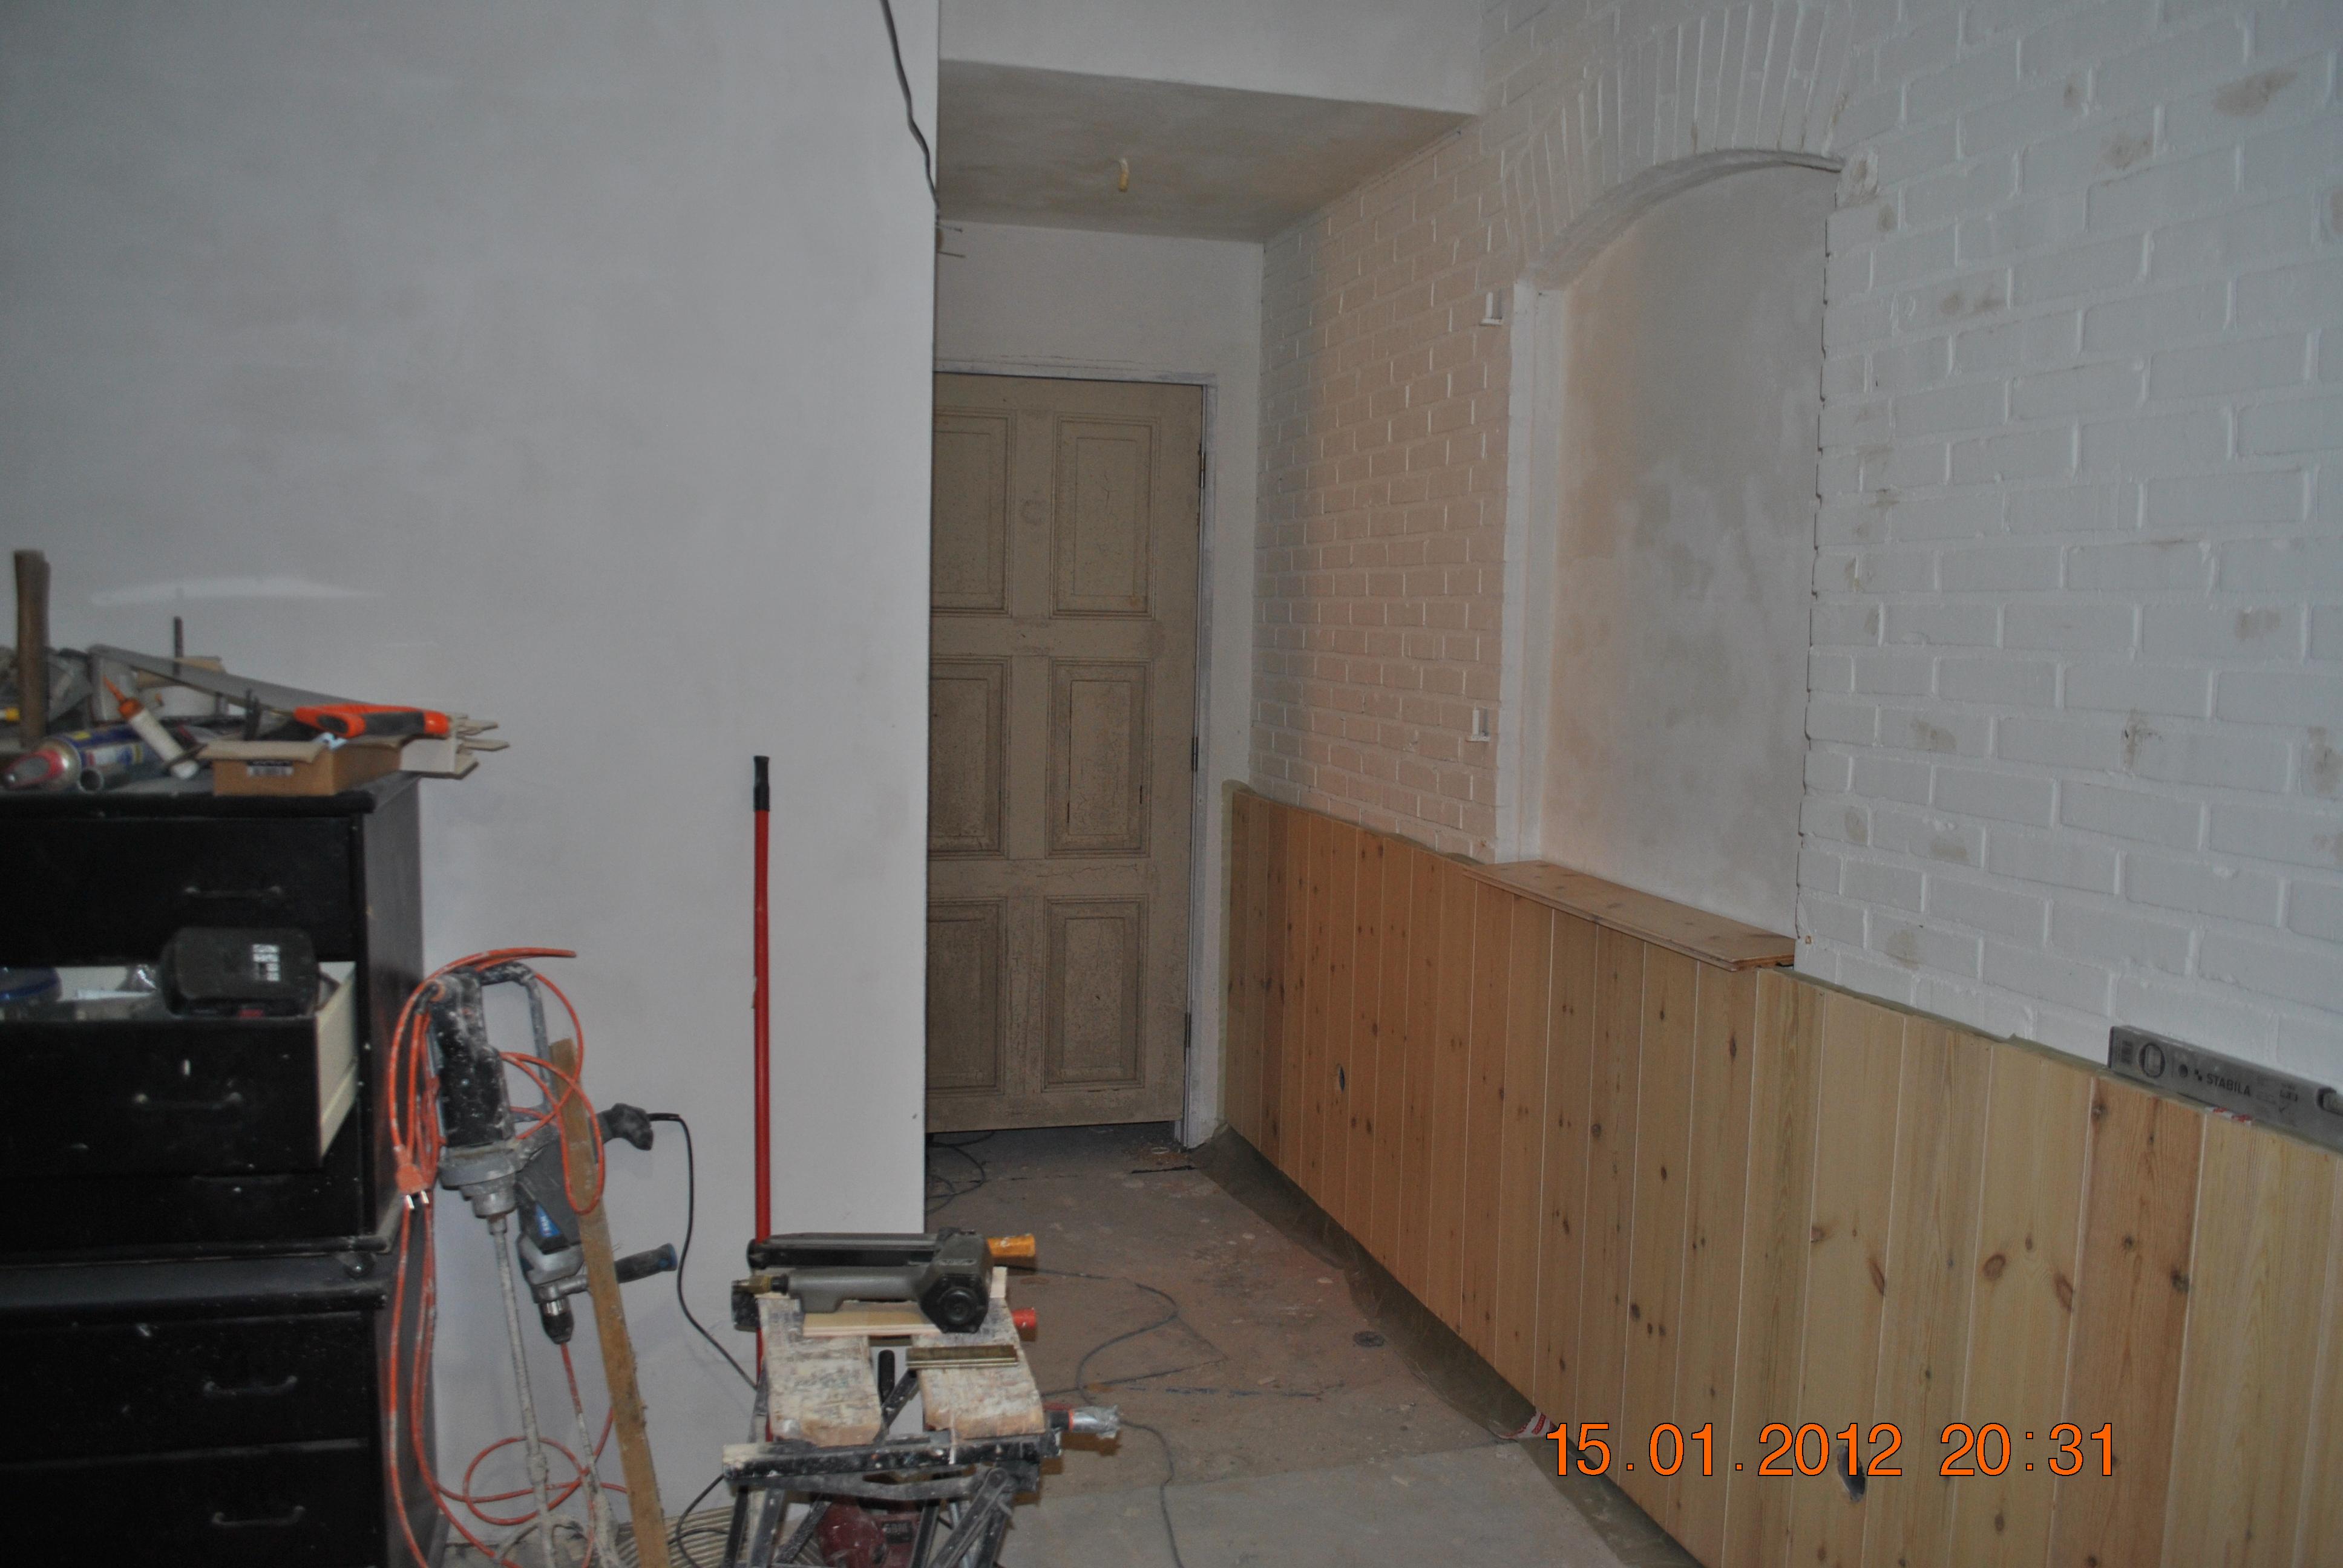 Zondag 22 januari 2012 b b de stapper velden for Houten lambrisering in de badkamer